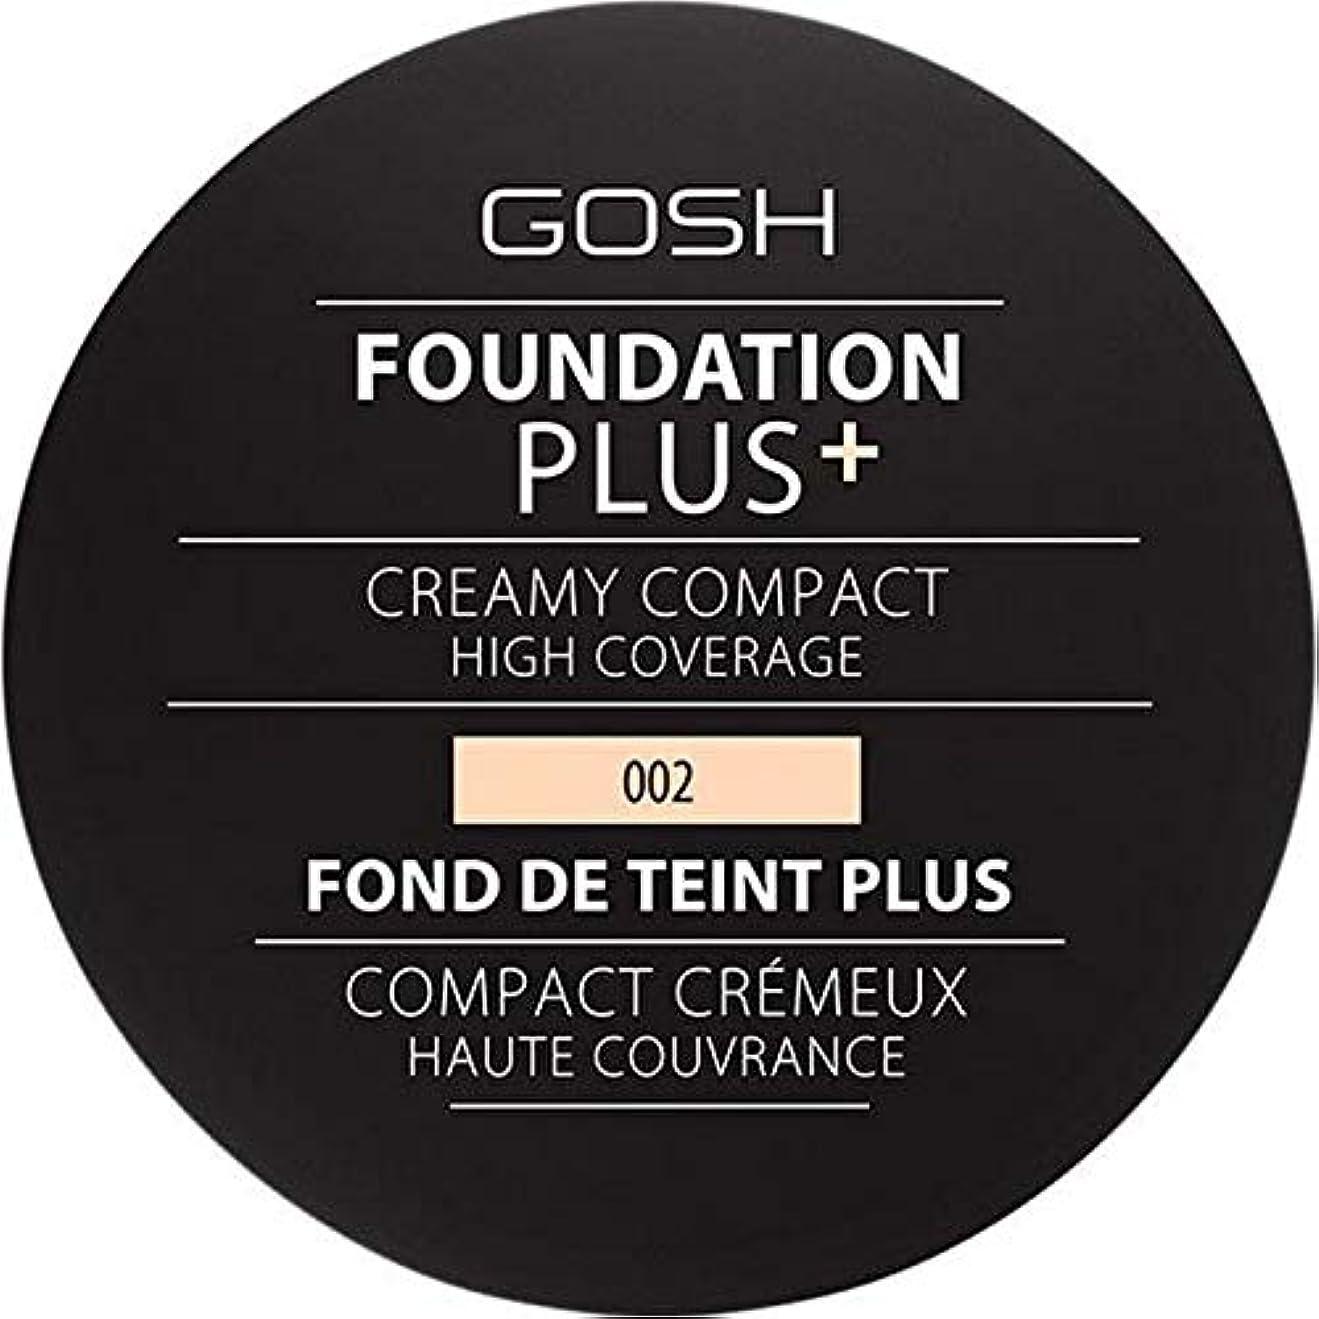 薄めるクルーズ保持[GOSH ] 基礎プラス+クリーミーコンパクトアイボリー002 - Foundation Plus+ Creamy Compact Ivory 002 [並行輸入品]